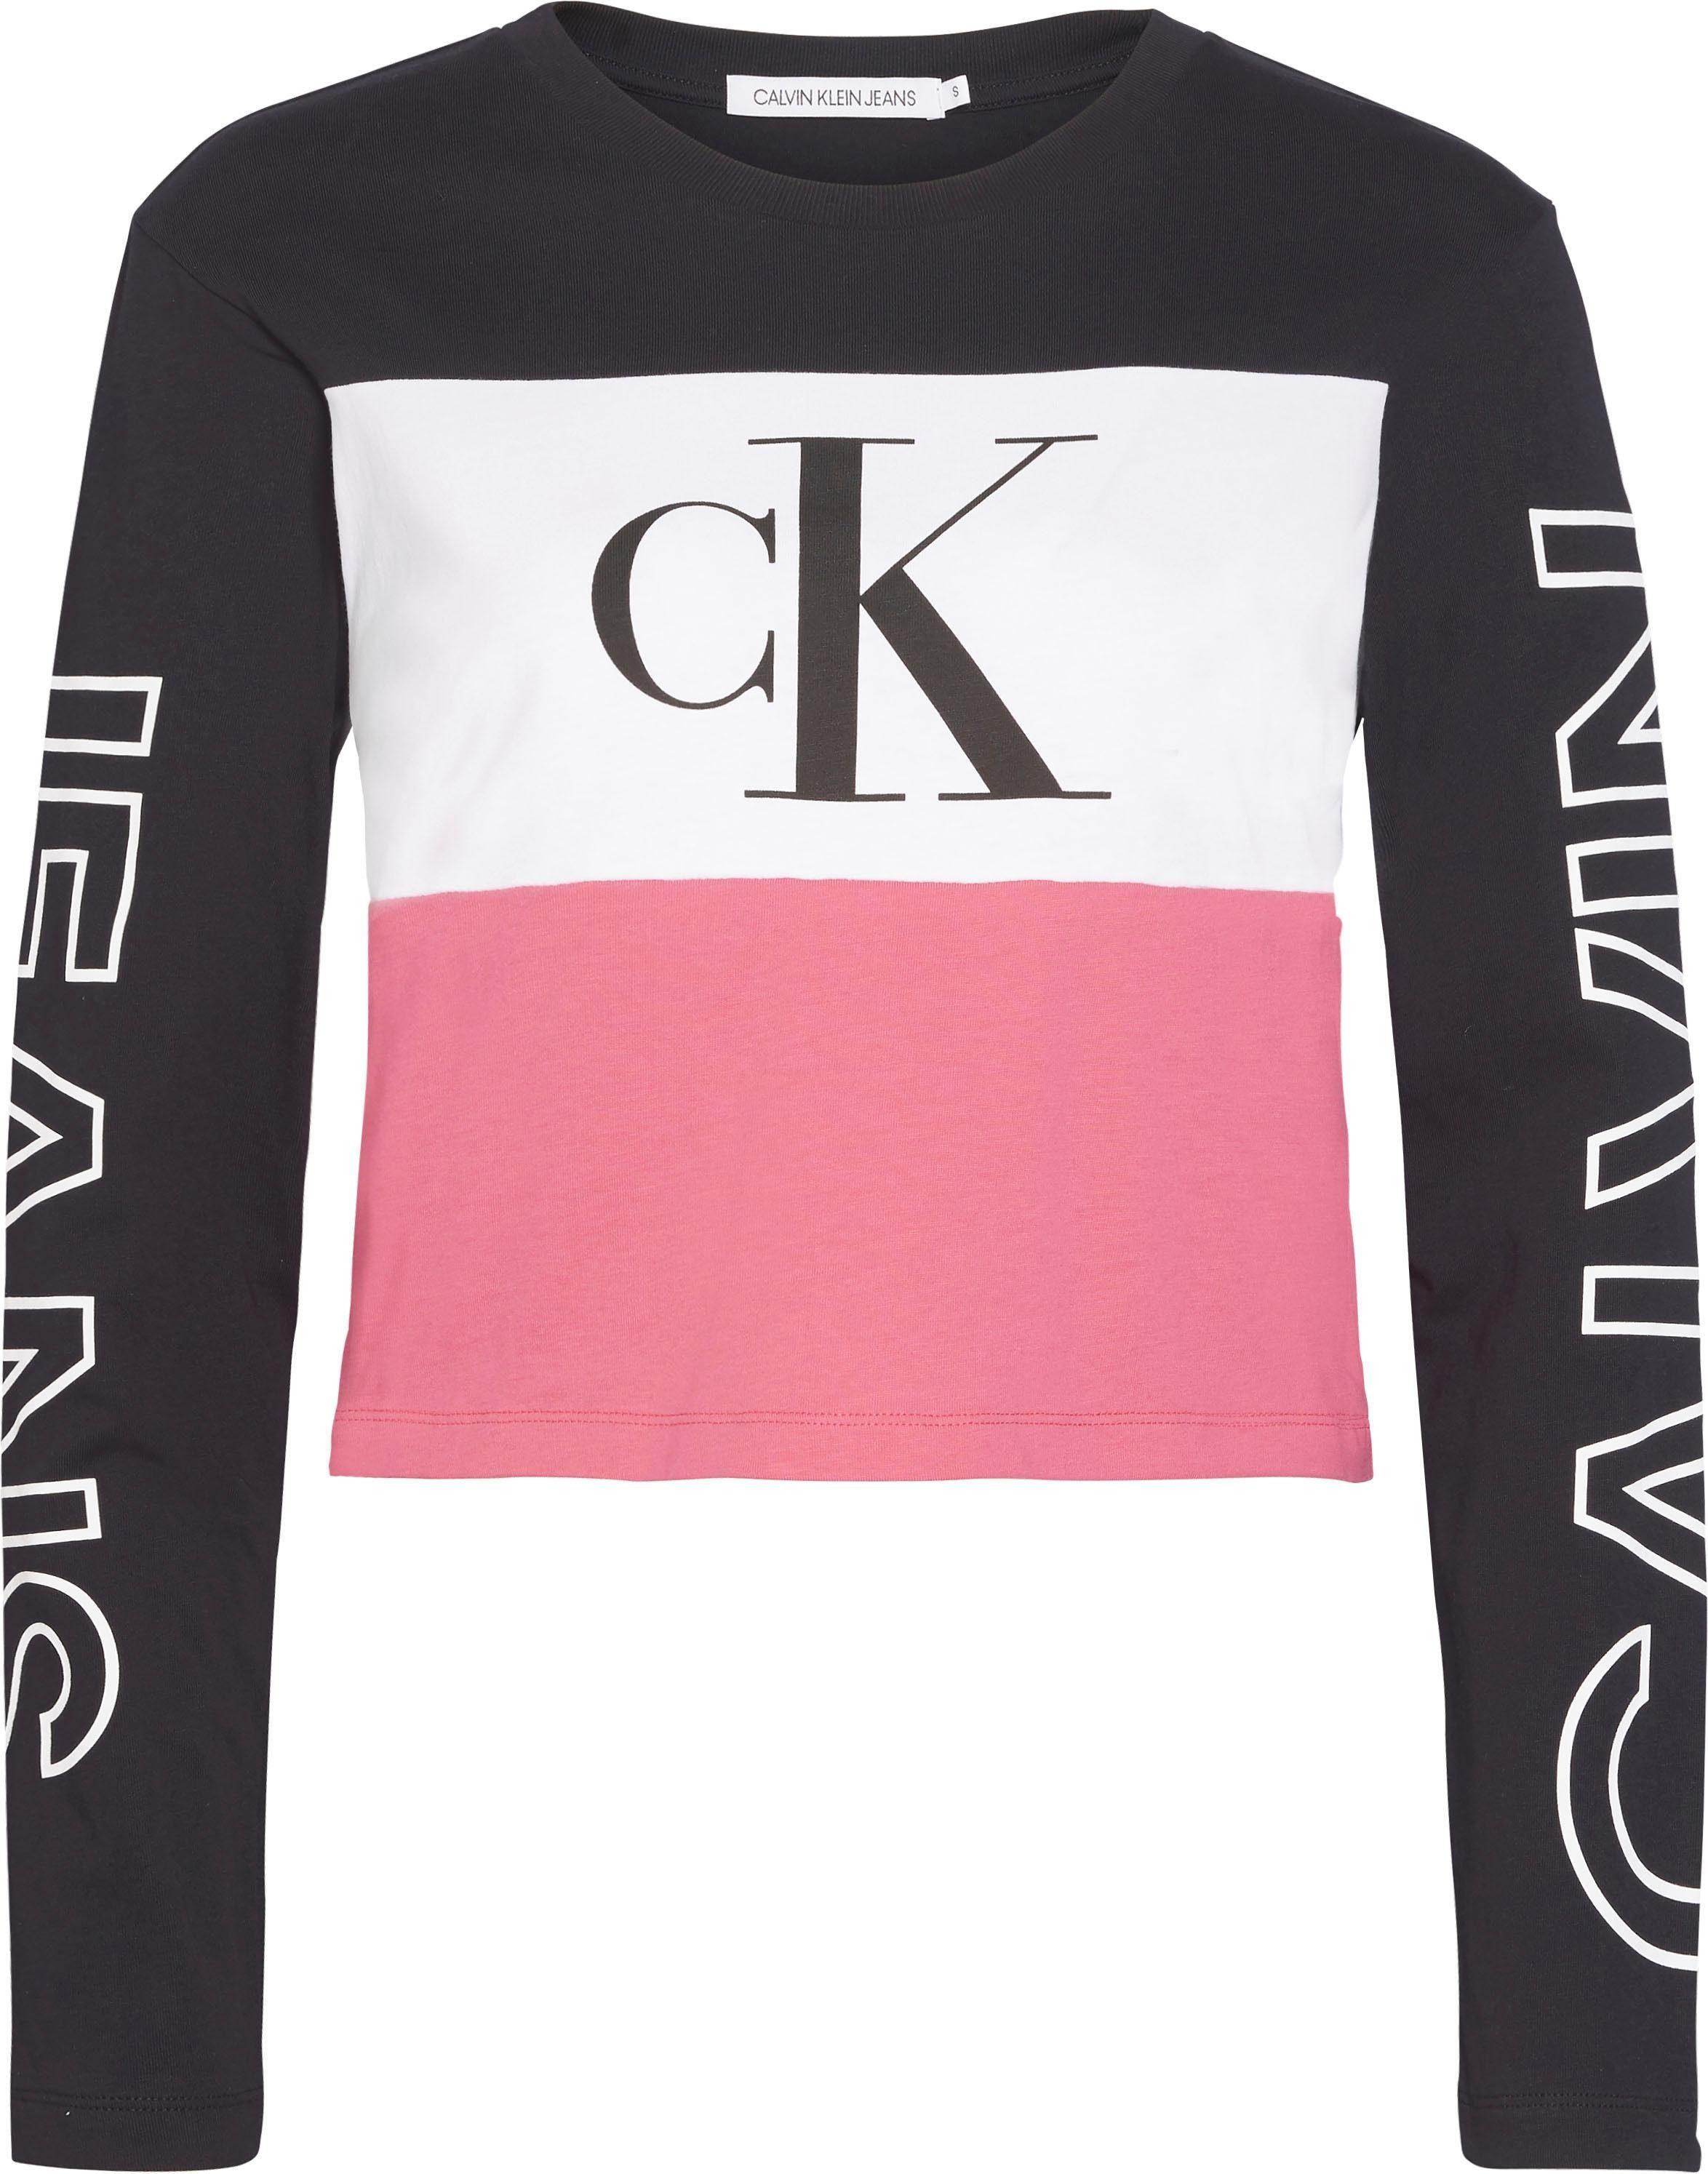 Calvin Klein Jeans Langarmshirt »BLOCKING STATEMENT LOGO LS TEE« im Colorblocking Dessin mit Calvin Klein Jeans Logo Schriftzug online kaufen | OTTO